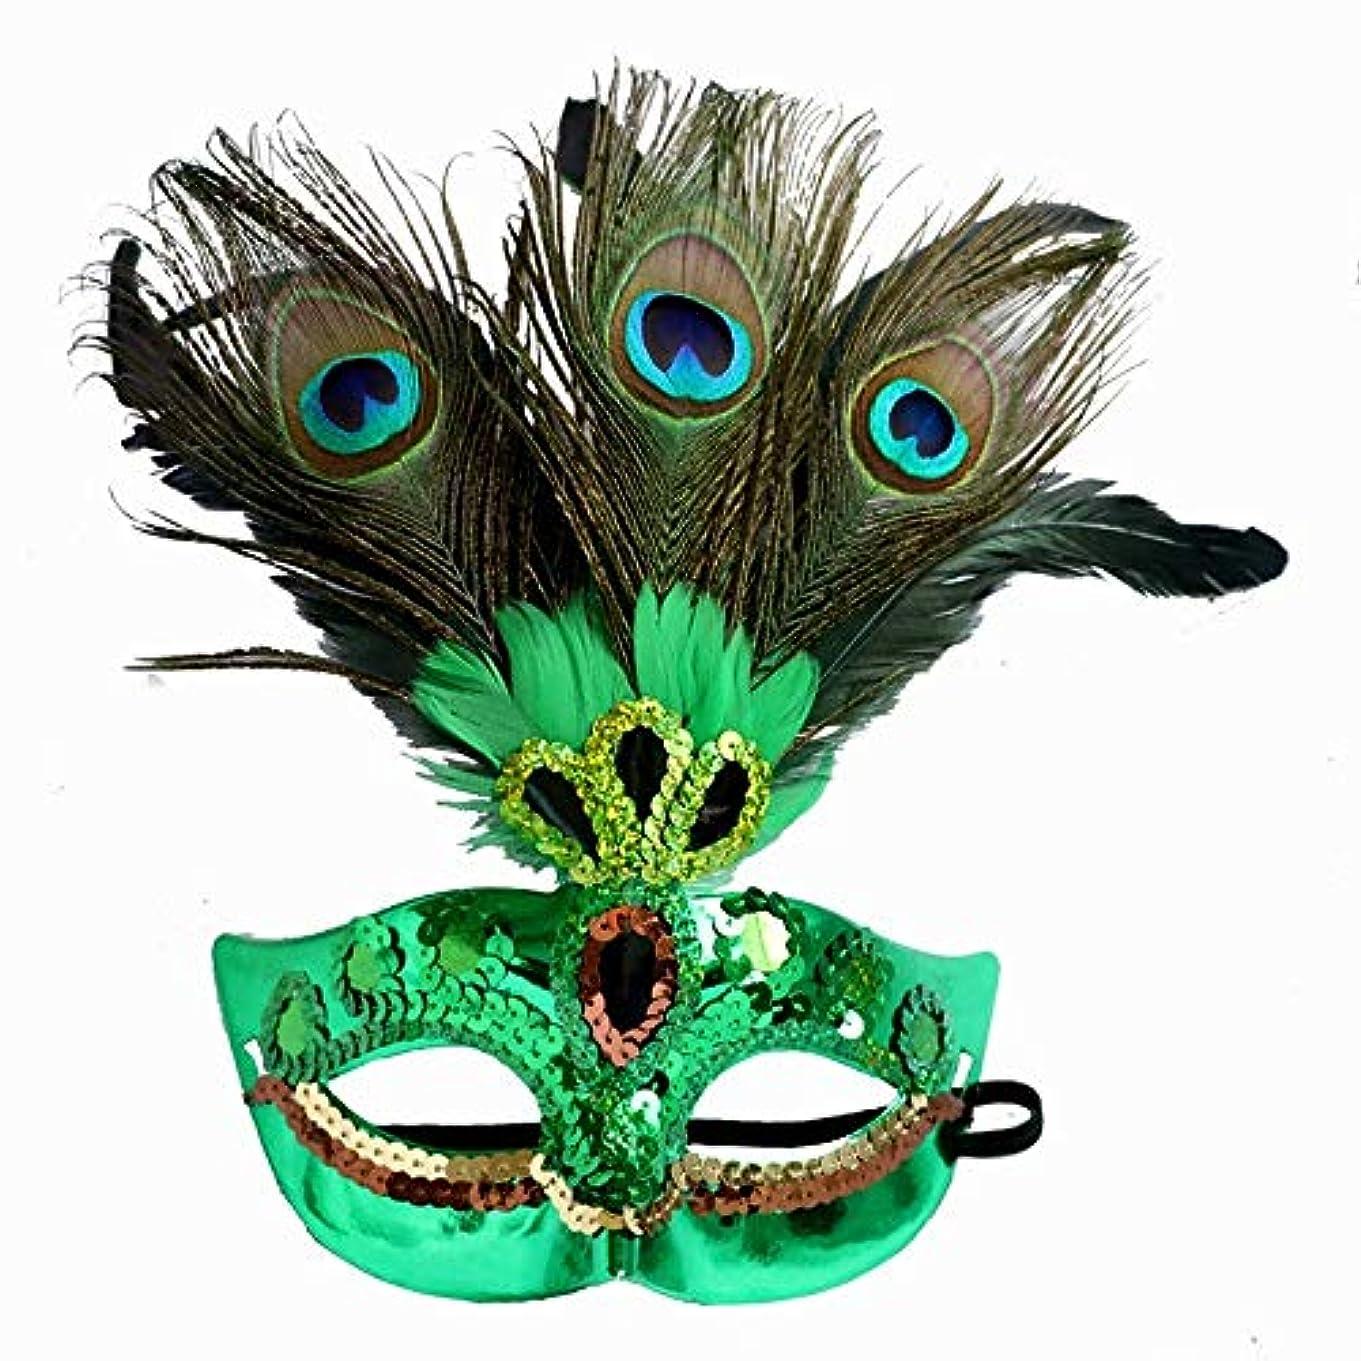 言語矢印写真を撮るダンスマスク 仮面舞踏会マスククジャクの羽パーティー衣装ハロウィンマスクボール目猫女性マスクハーフマスク パーティーボールマスク (色 : 緑, サイズ : 18x25cm)